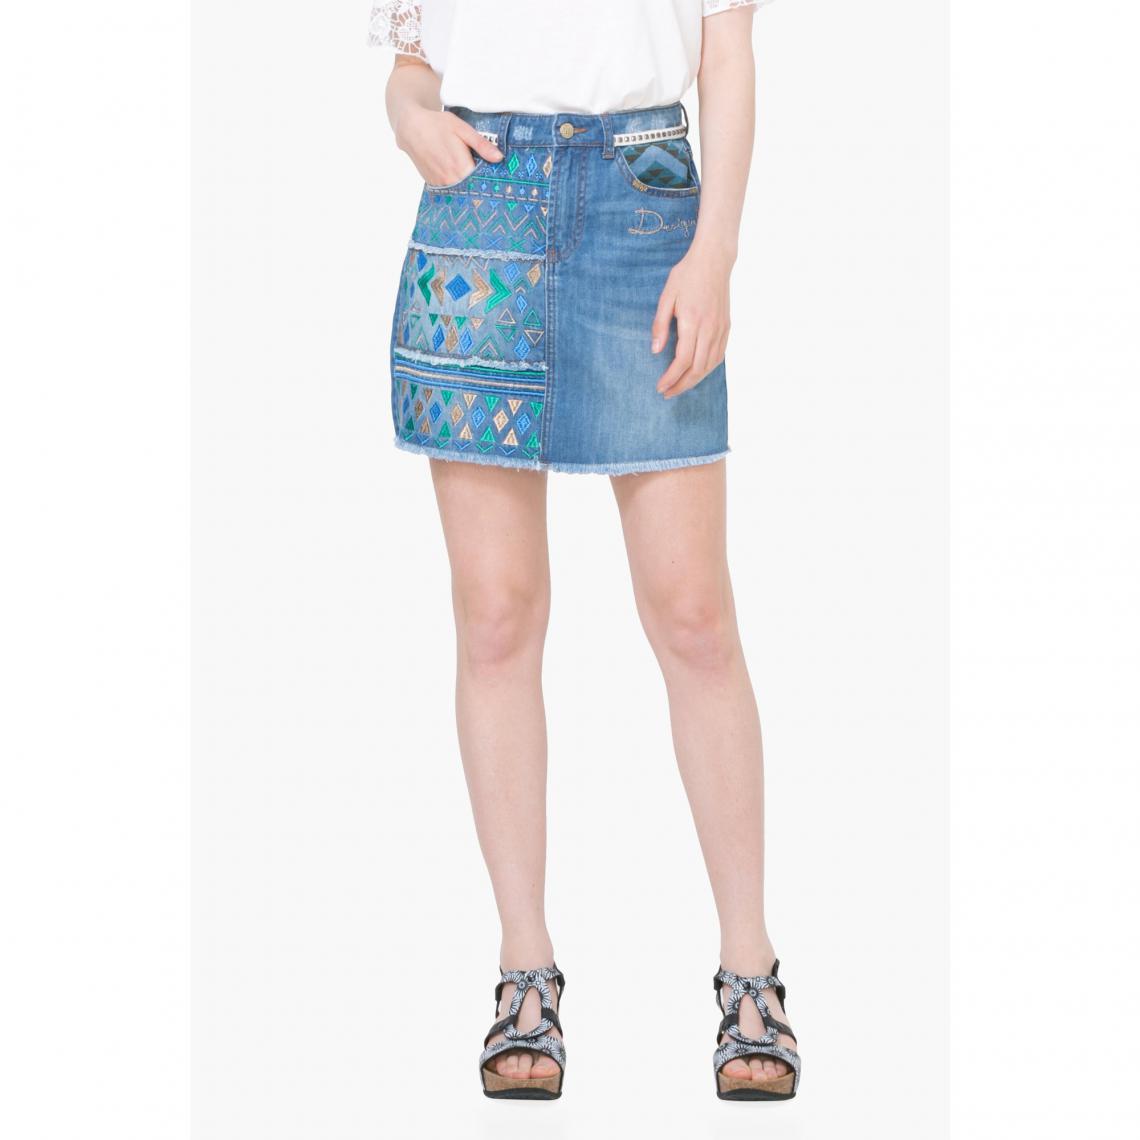 dacd4a14e Jupe courte jean femme Desigual - Bleu | 3 SUISSES